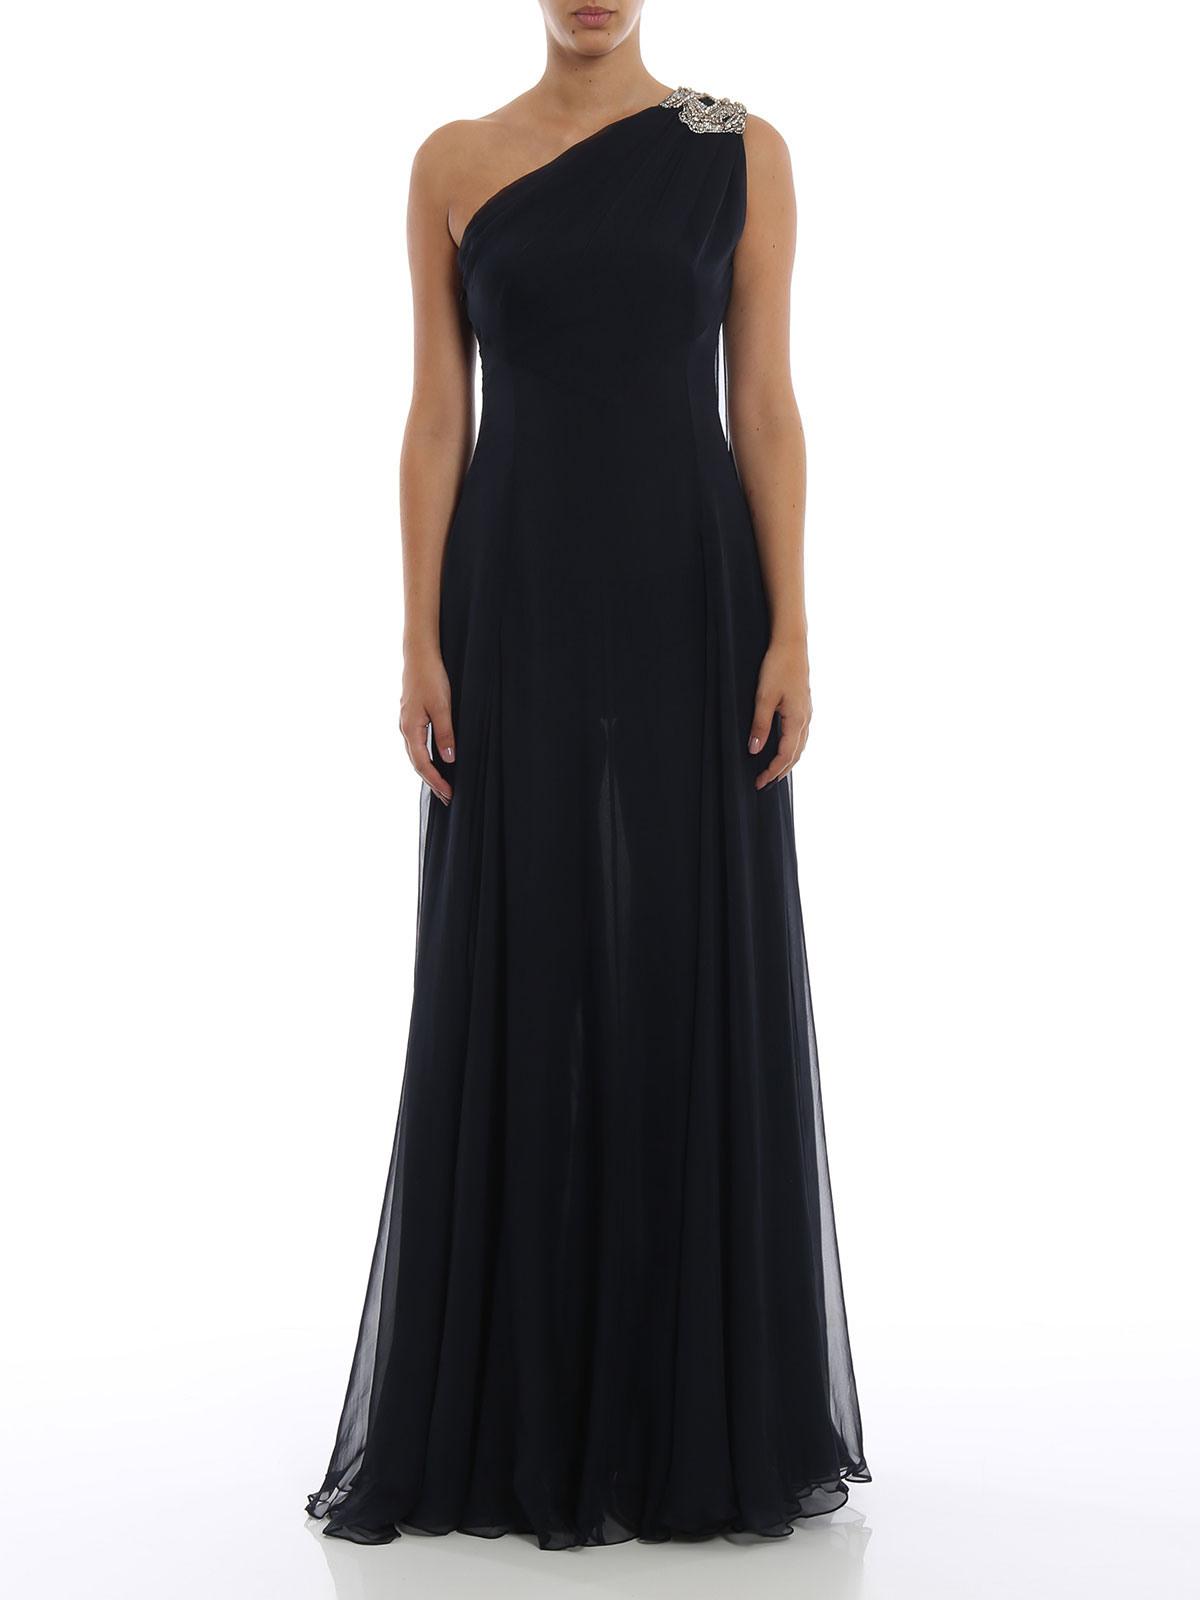 20 Schön Alexander Mc Queen Abendkleid Stylish10 Genial Alexander Mc Queen Abendkleid Spezialgebiet